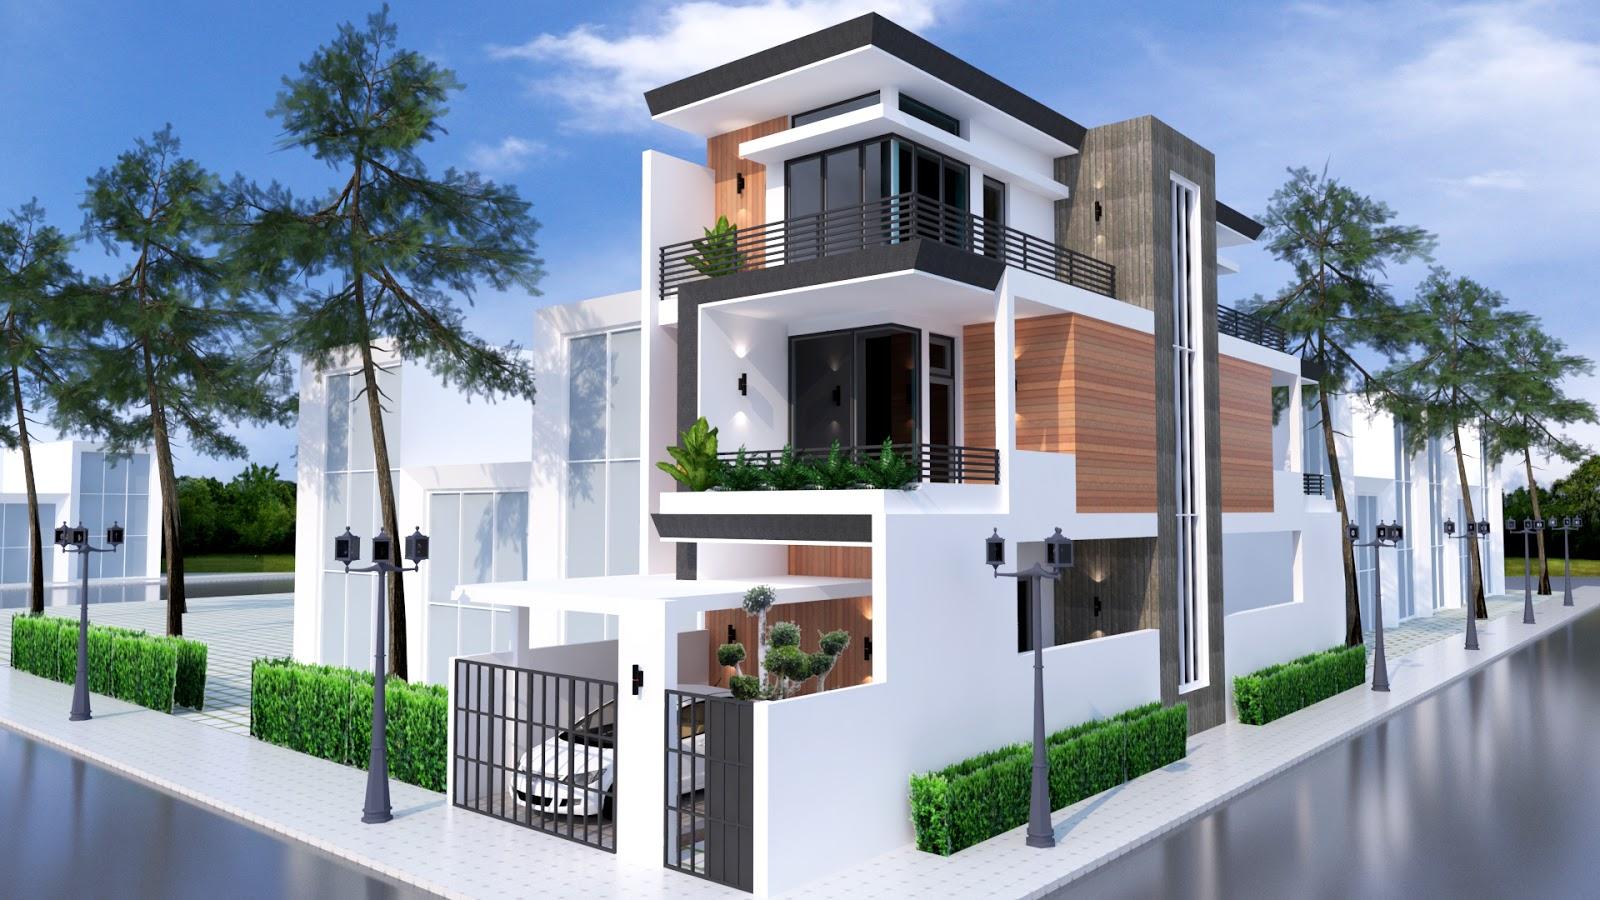 sketchup home elevation design 6m sam architect. Black Bedroom Furniture Sets. Home Design Ideas